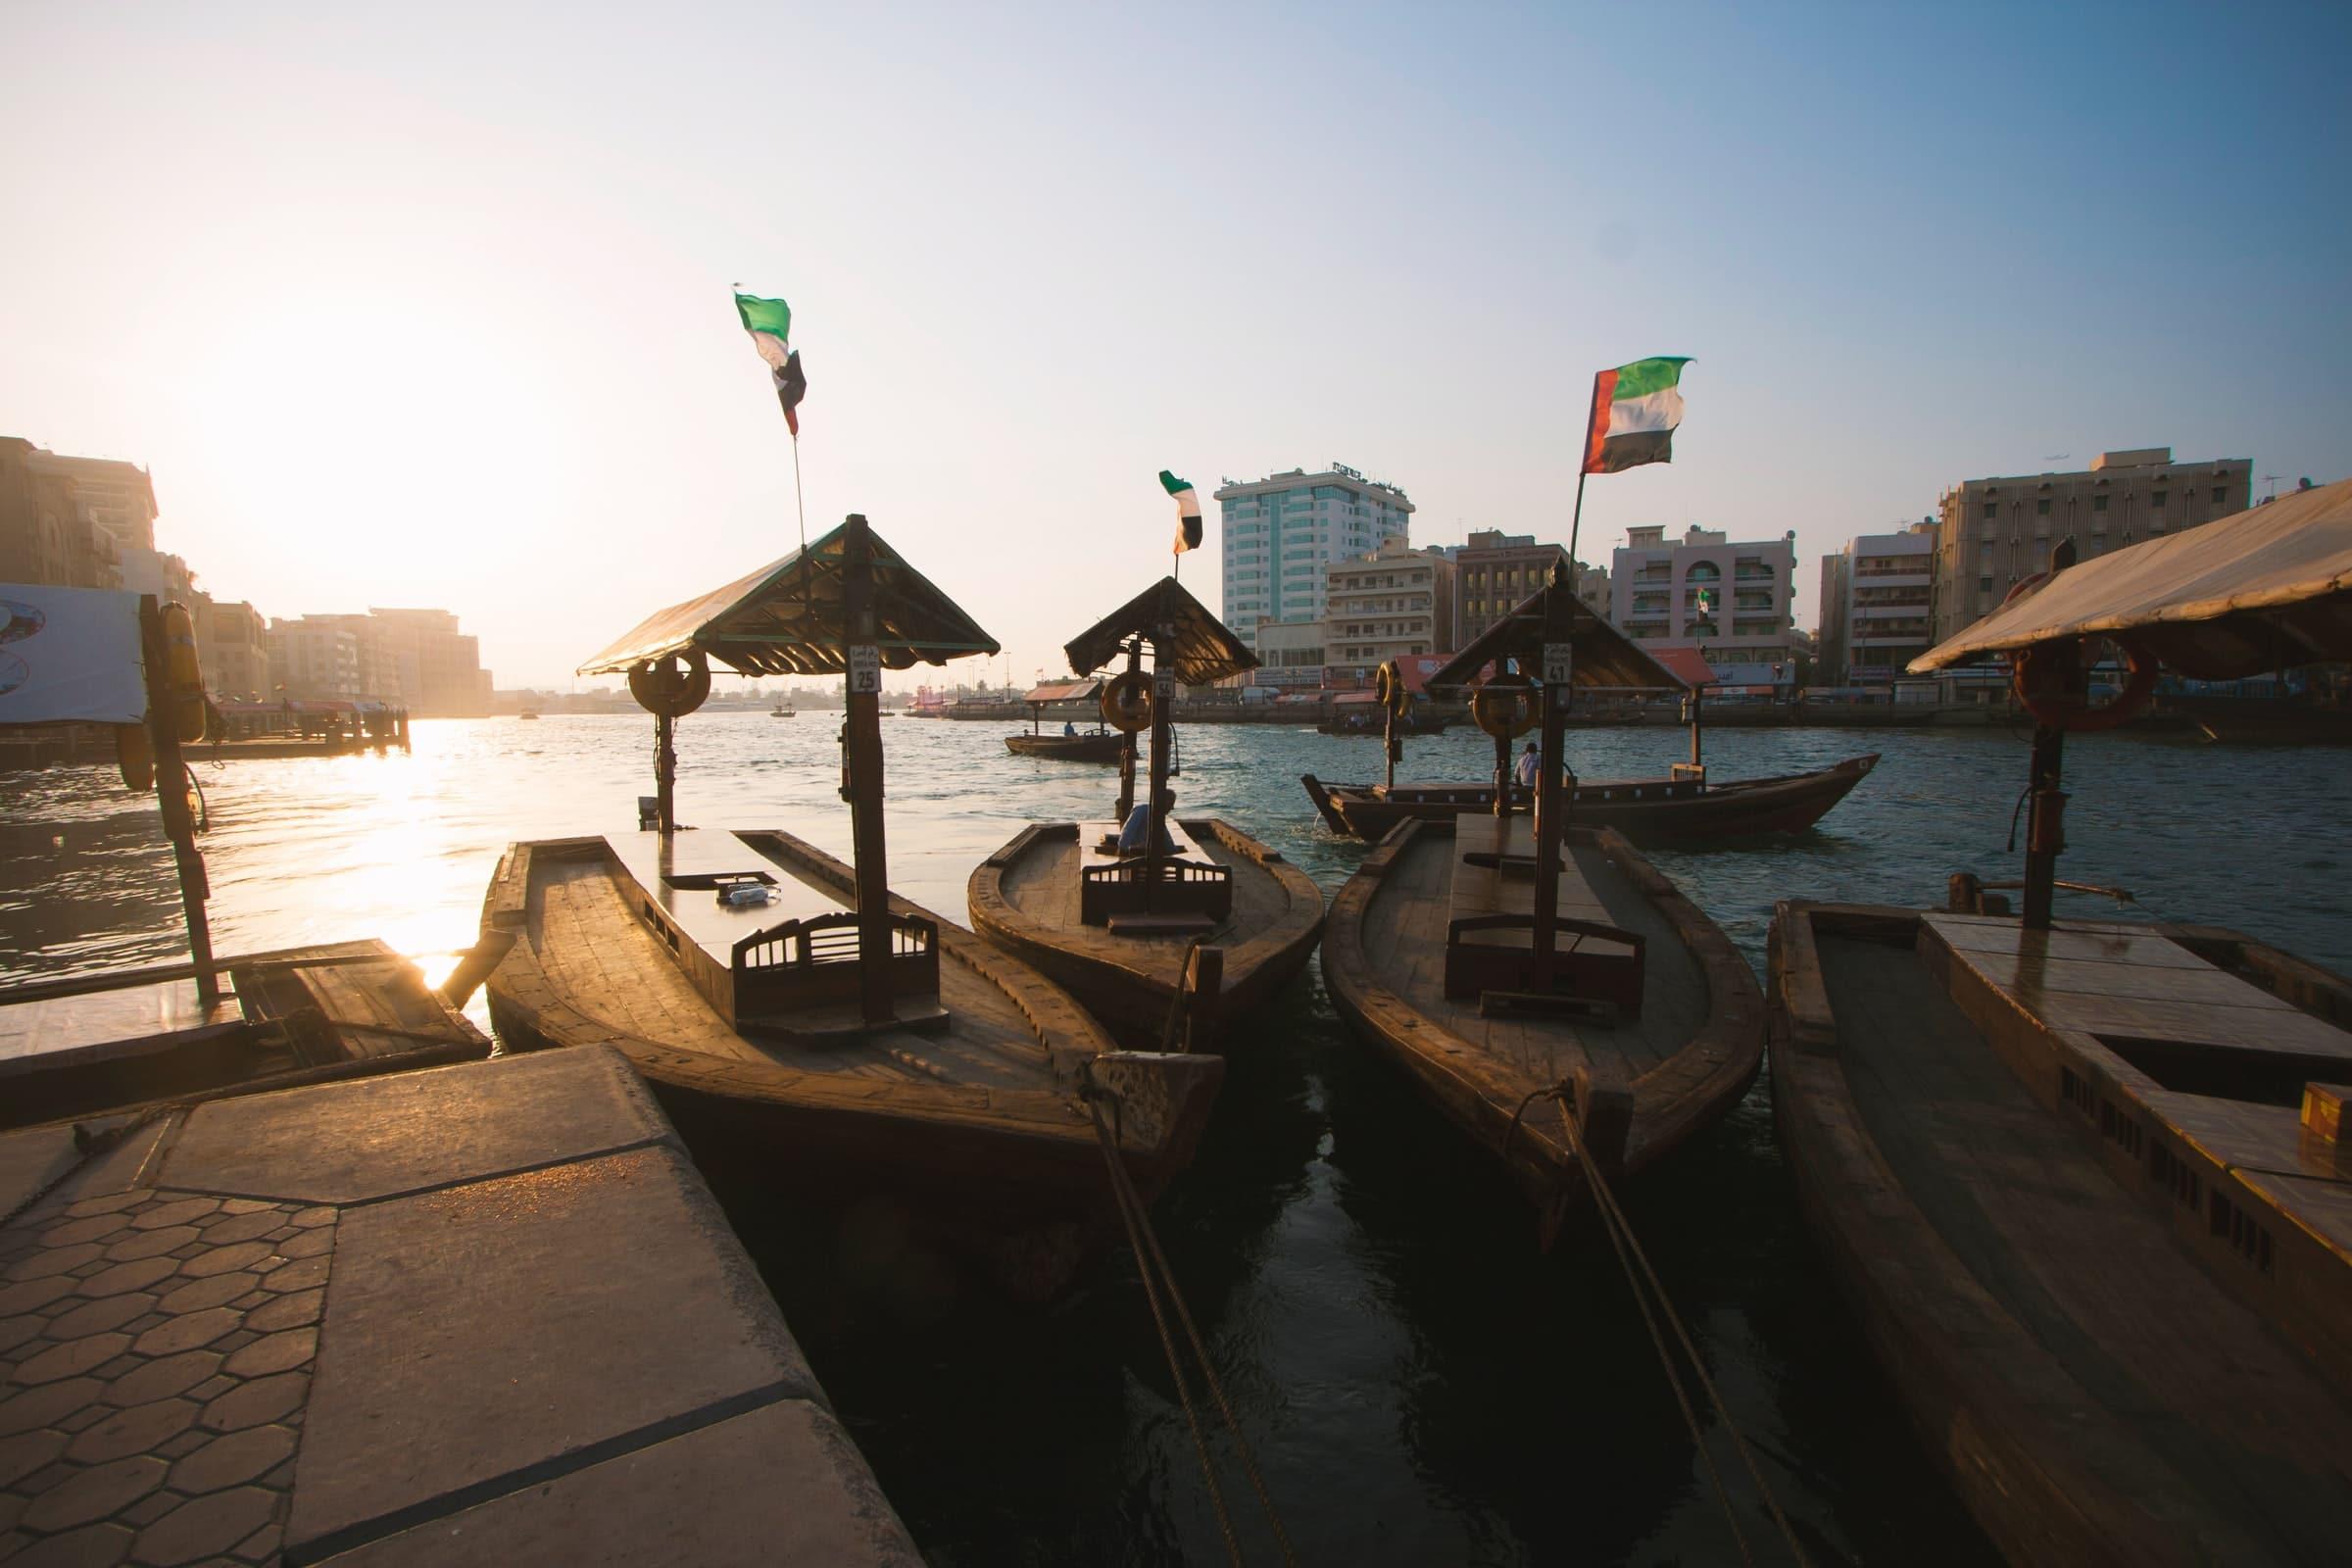 Goedkoop maar erg leuk - een low-budget tochtje op Dubai Creek